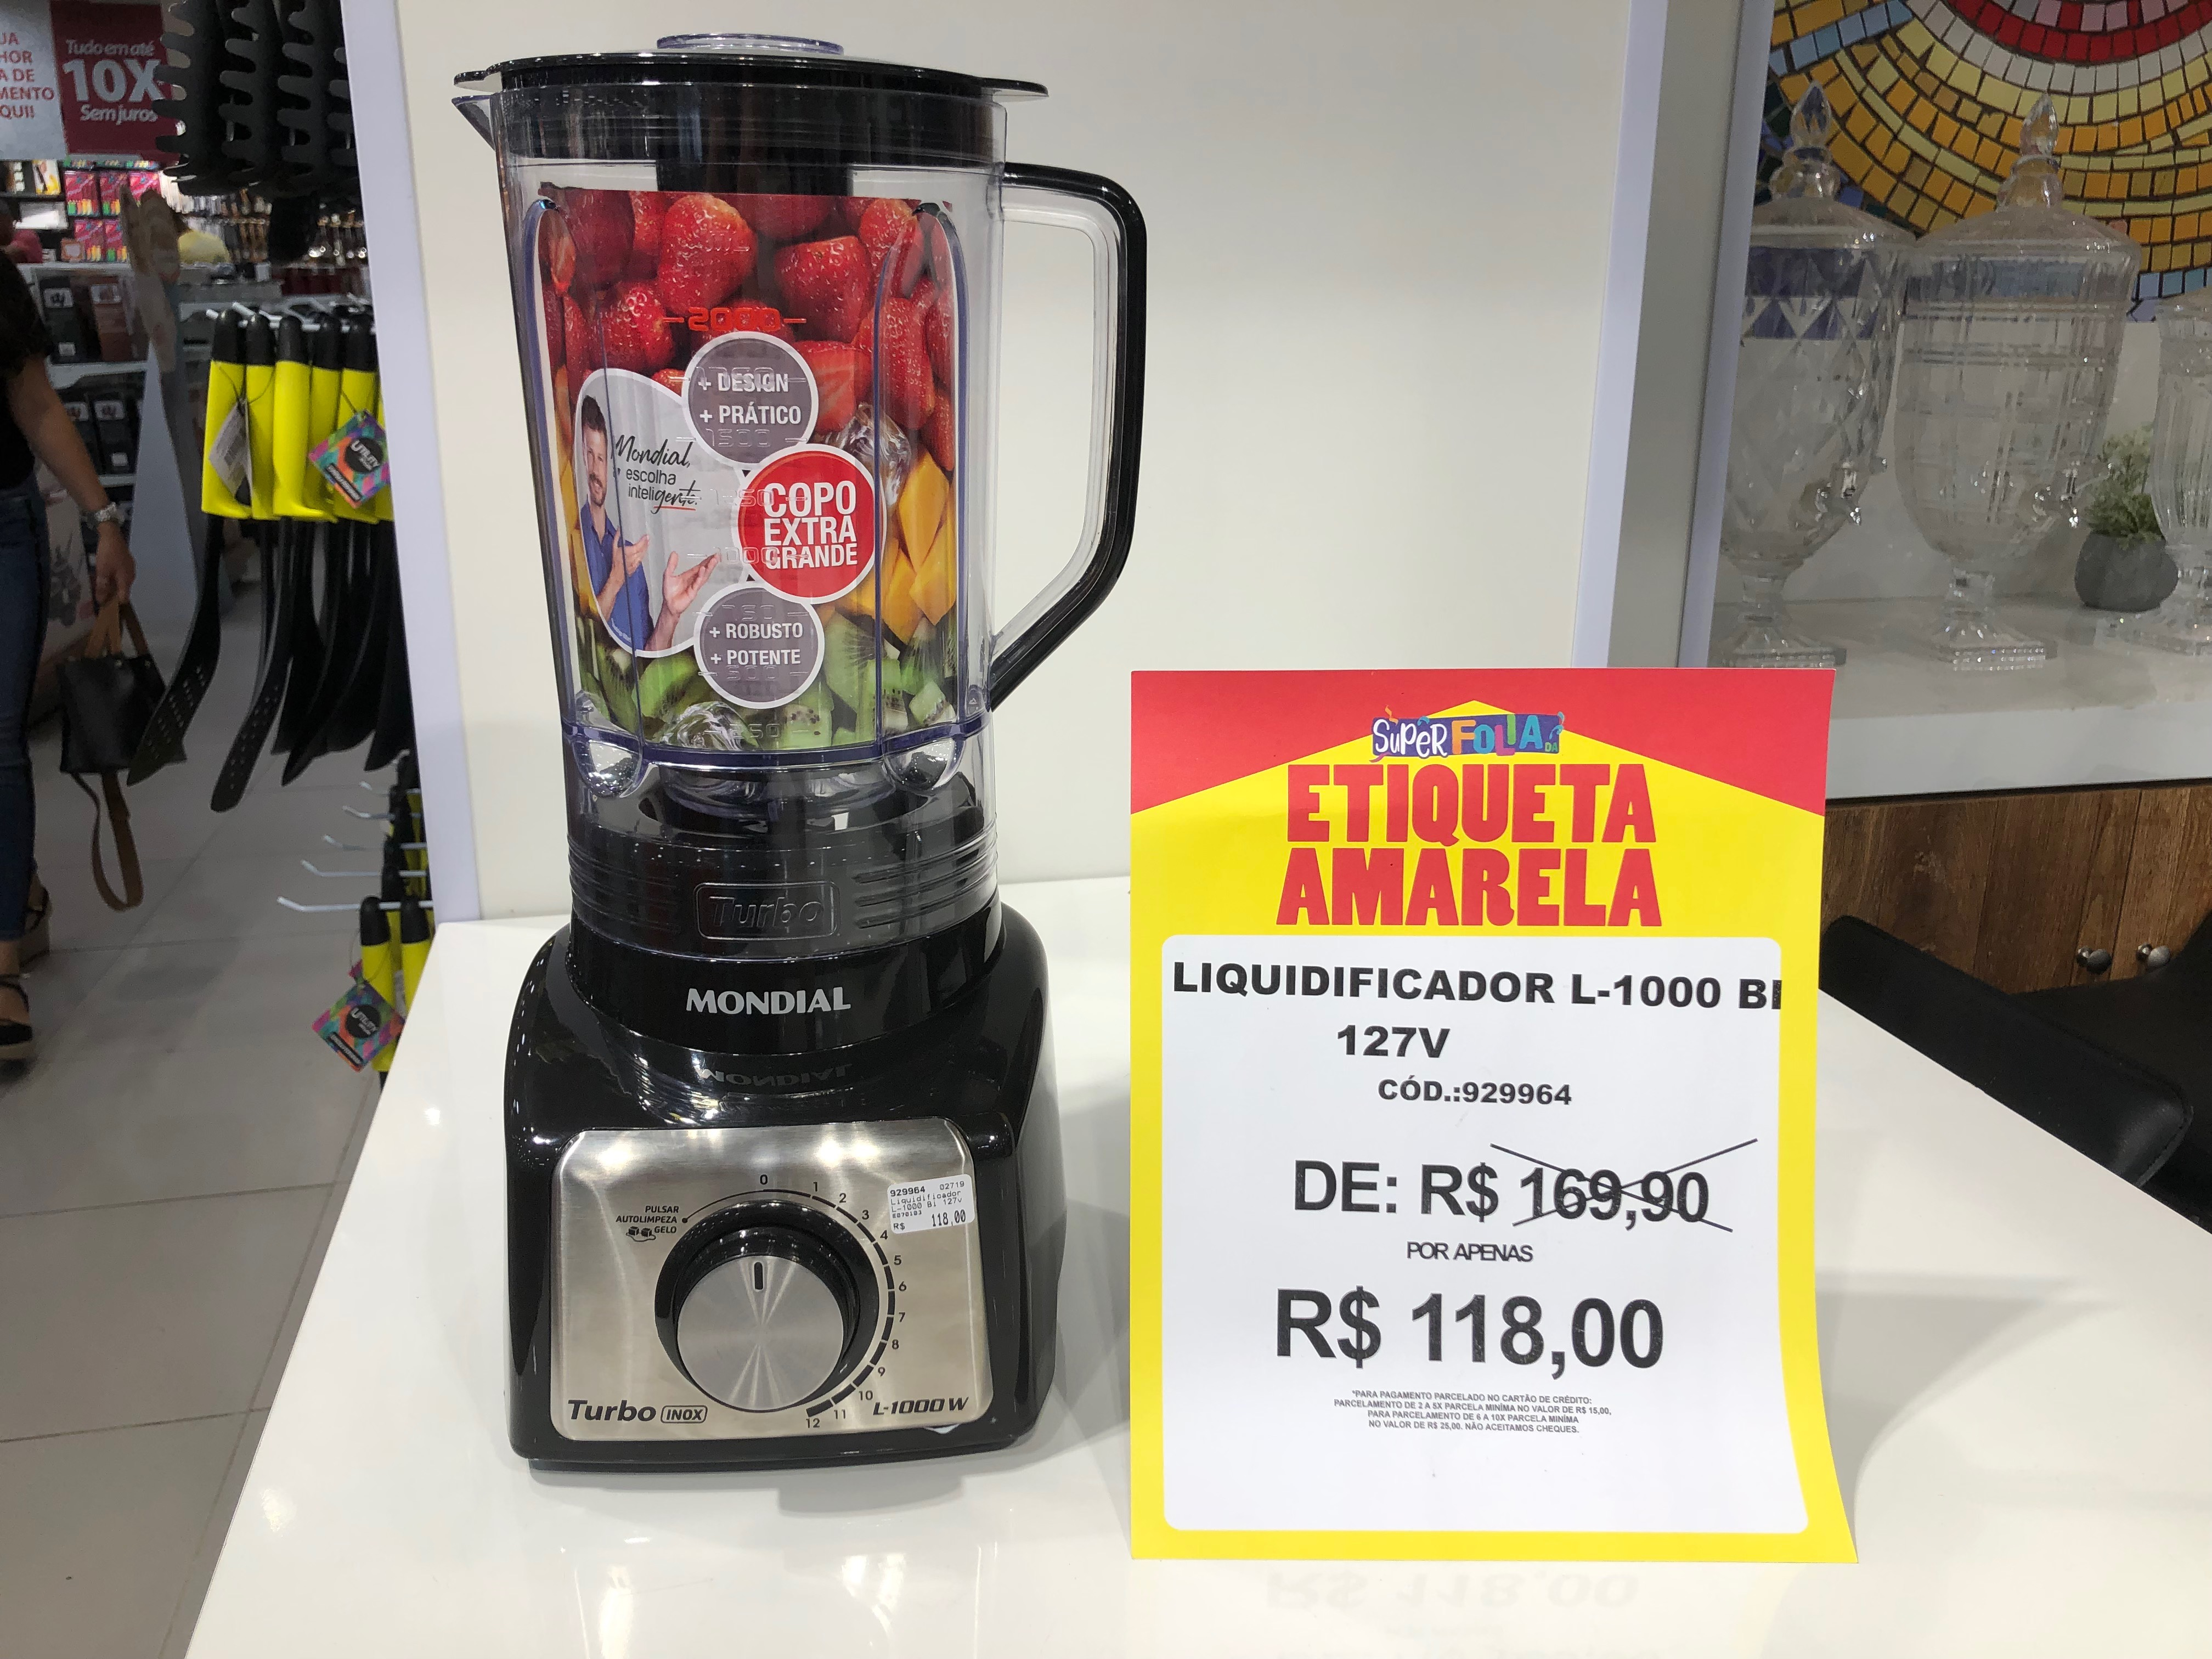 Liquidificador Mondial (Preçolandia - Salvador Shopping) de R$ 169,9 por R$ 118 (30%)